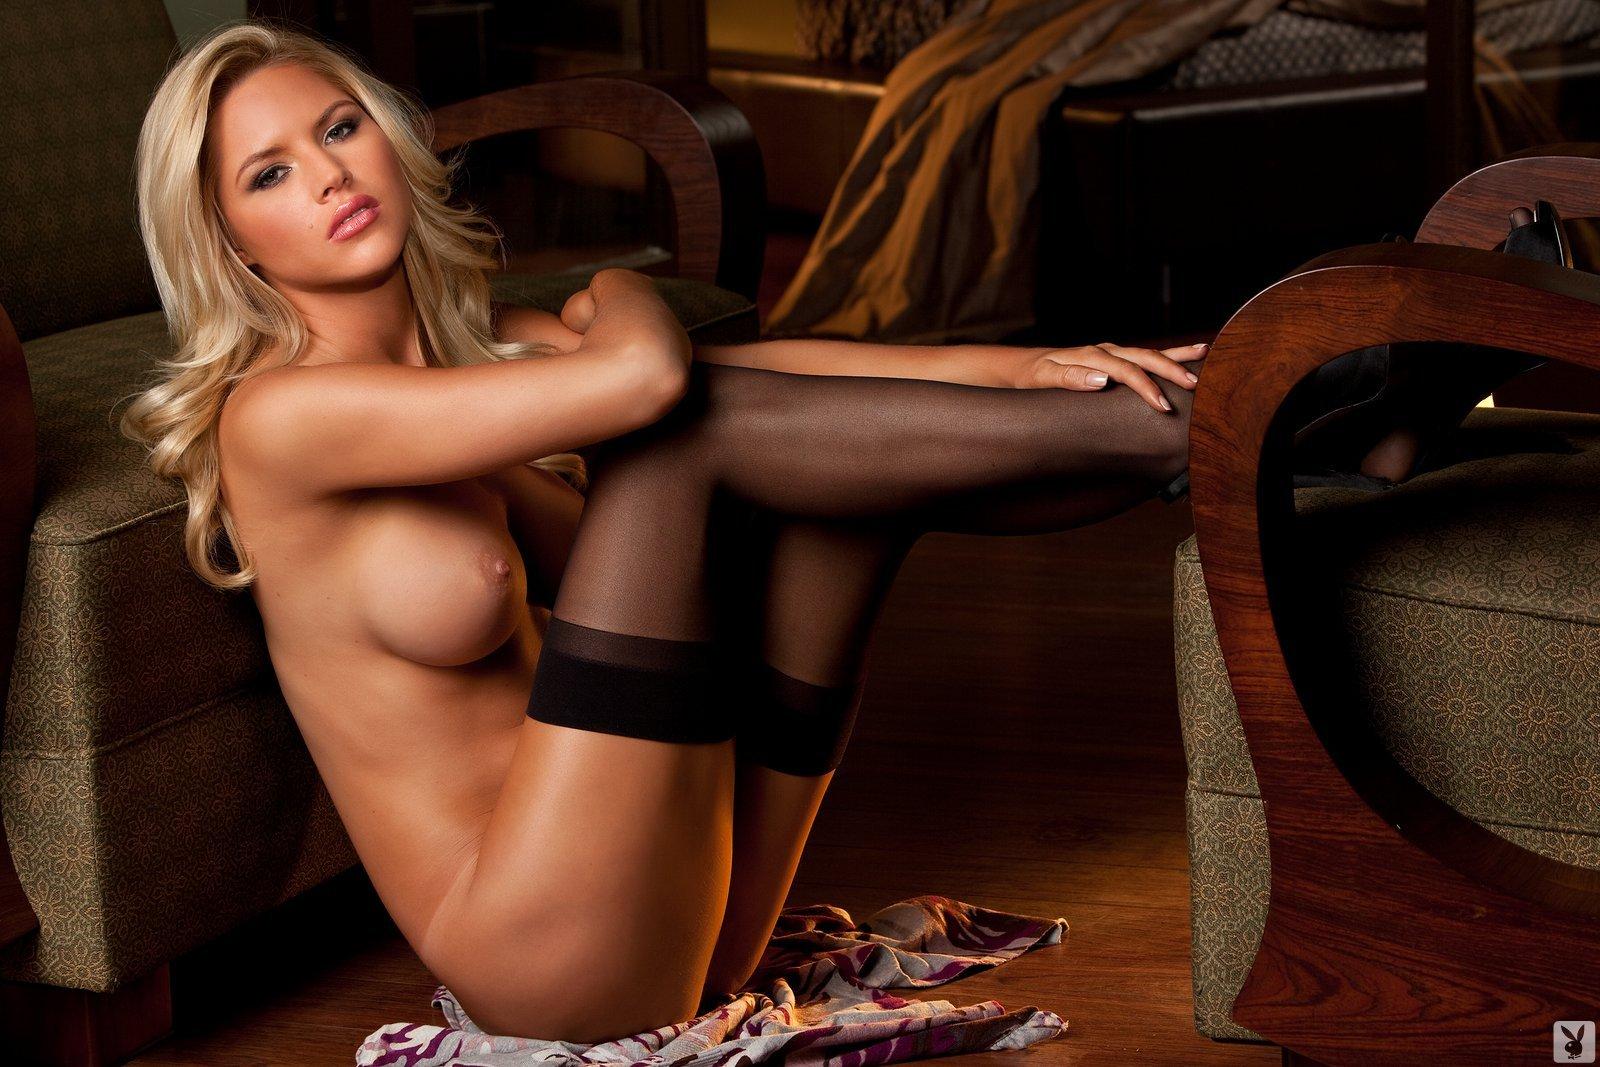 Блондинка в колготках голая фото — pic 11